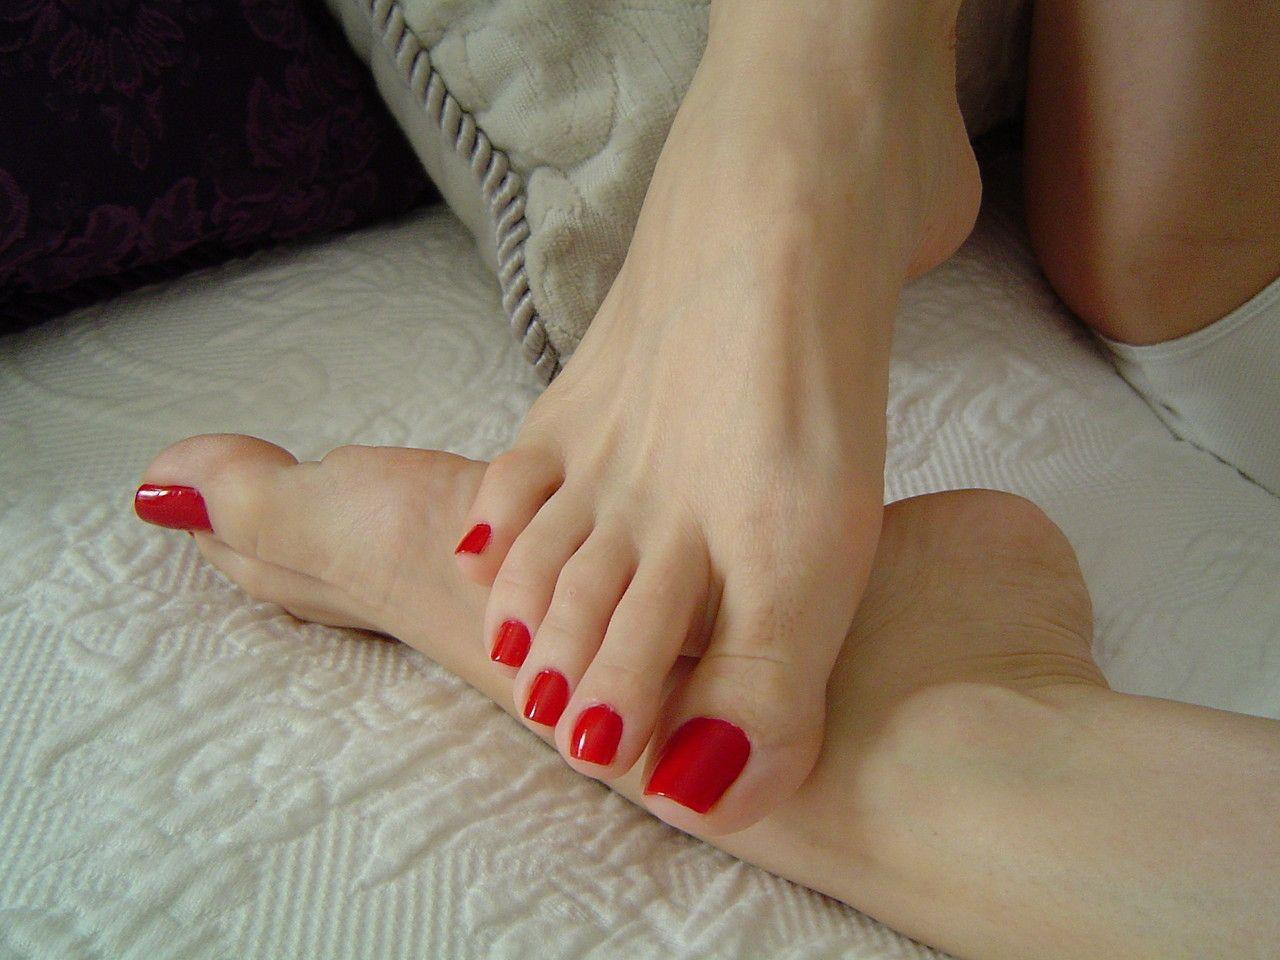 облизывания пальцев ног - 1